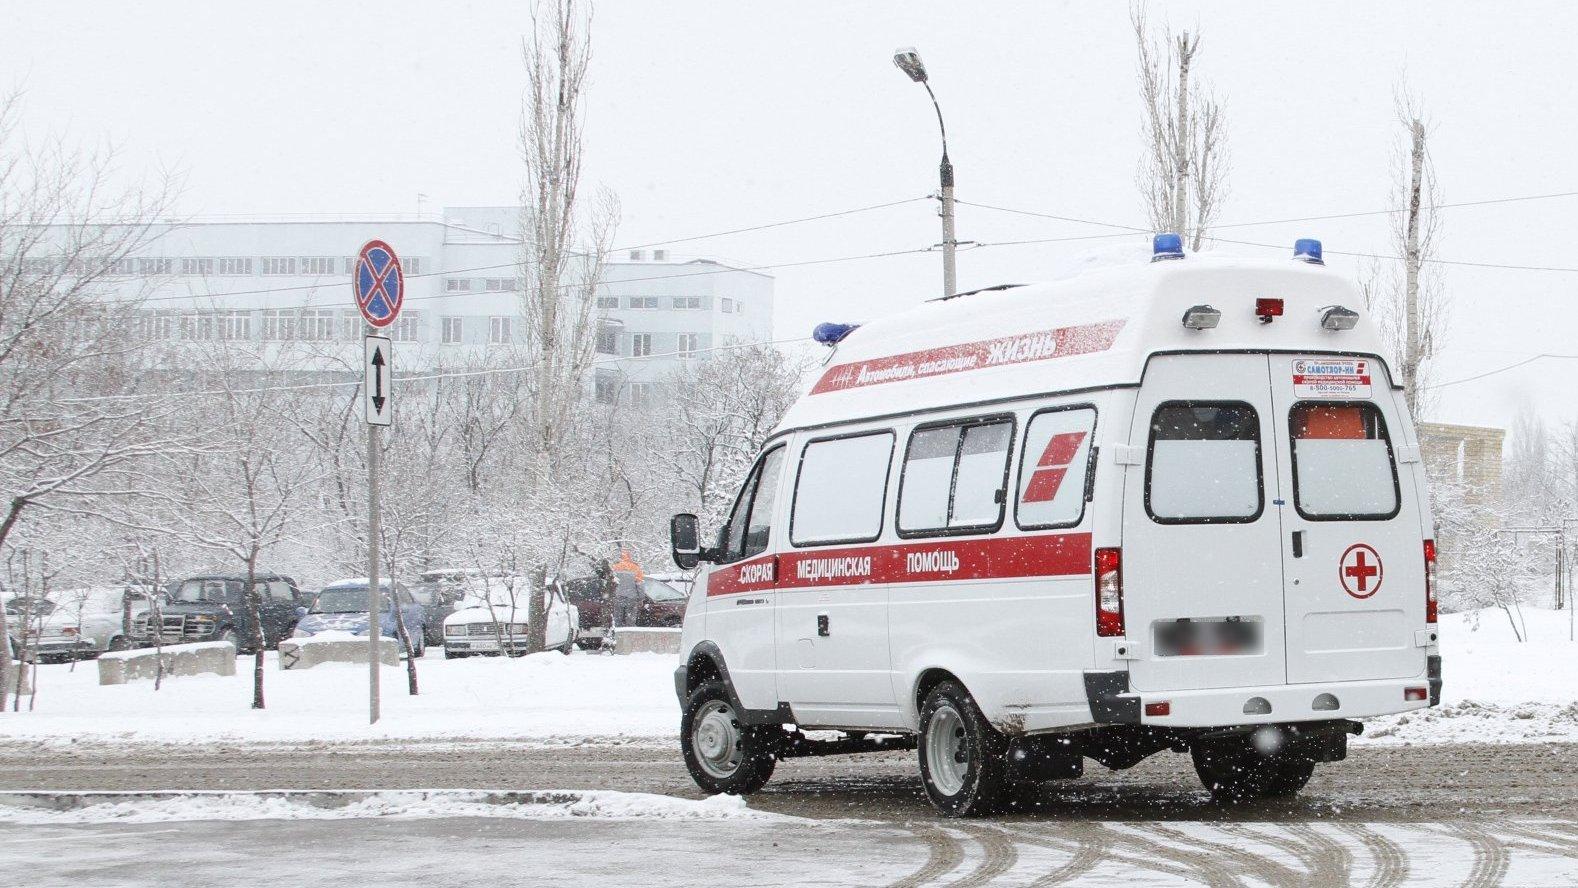 Воронежцы об устроивших забастовку работниках «скорой»: «Они доведены до отчаяния»